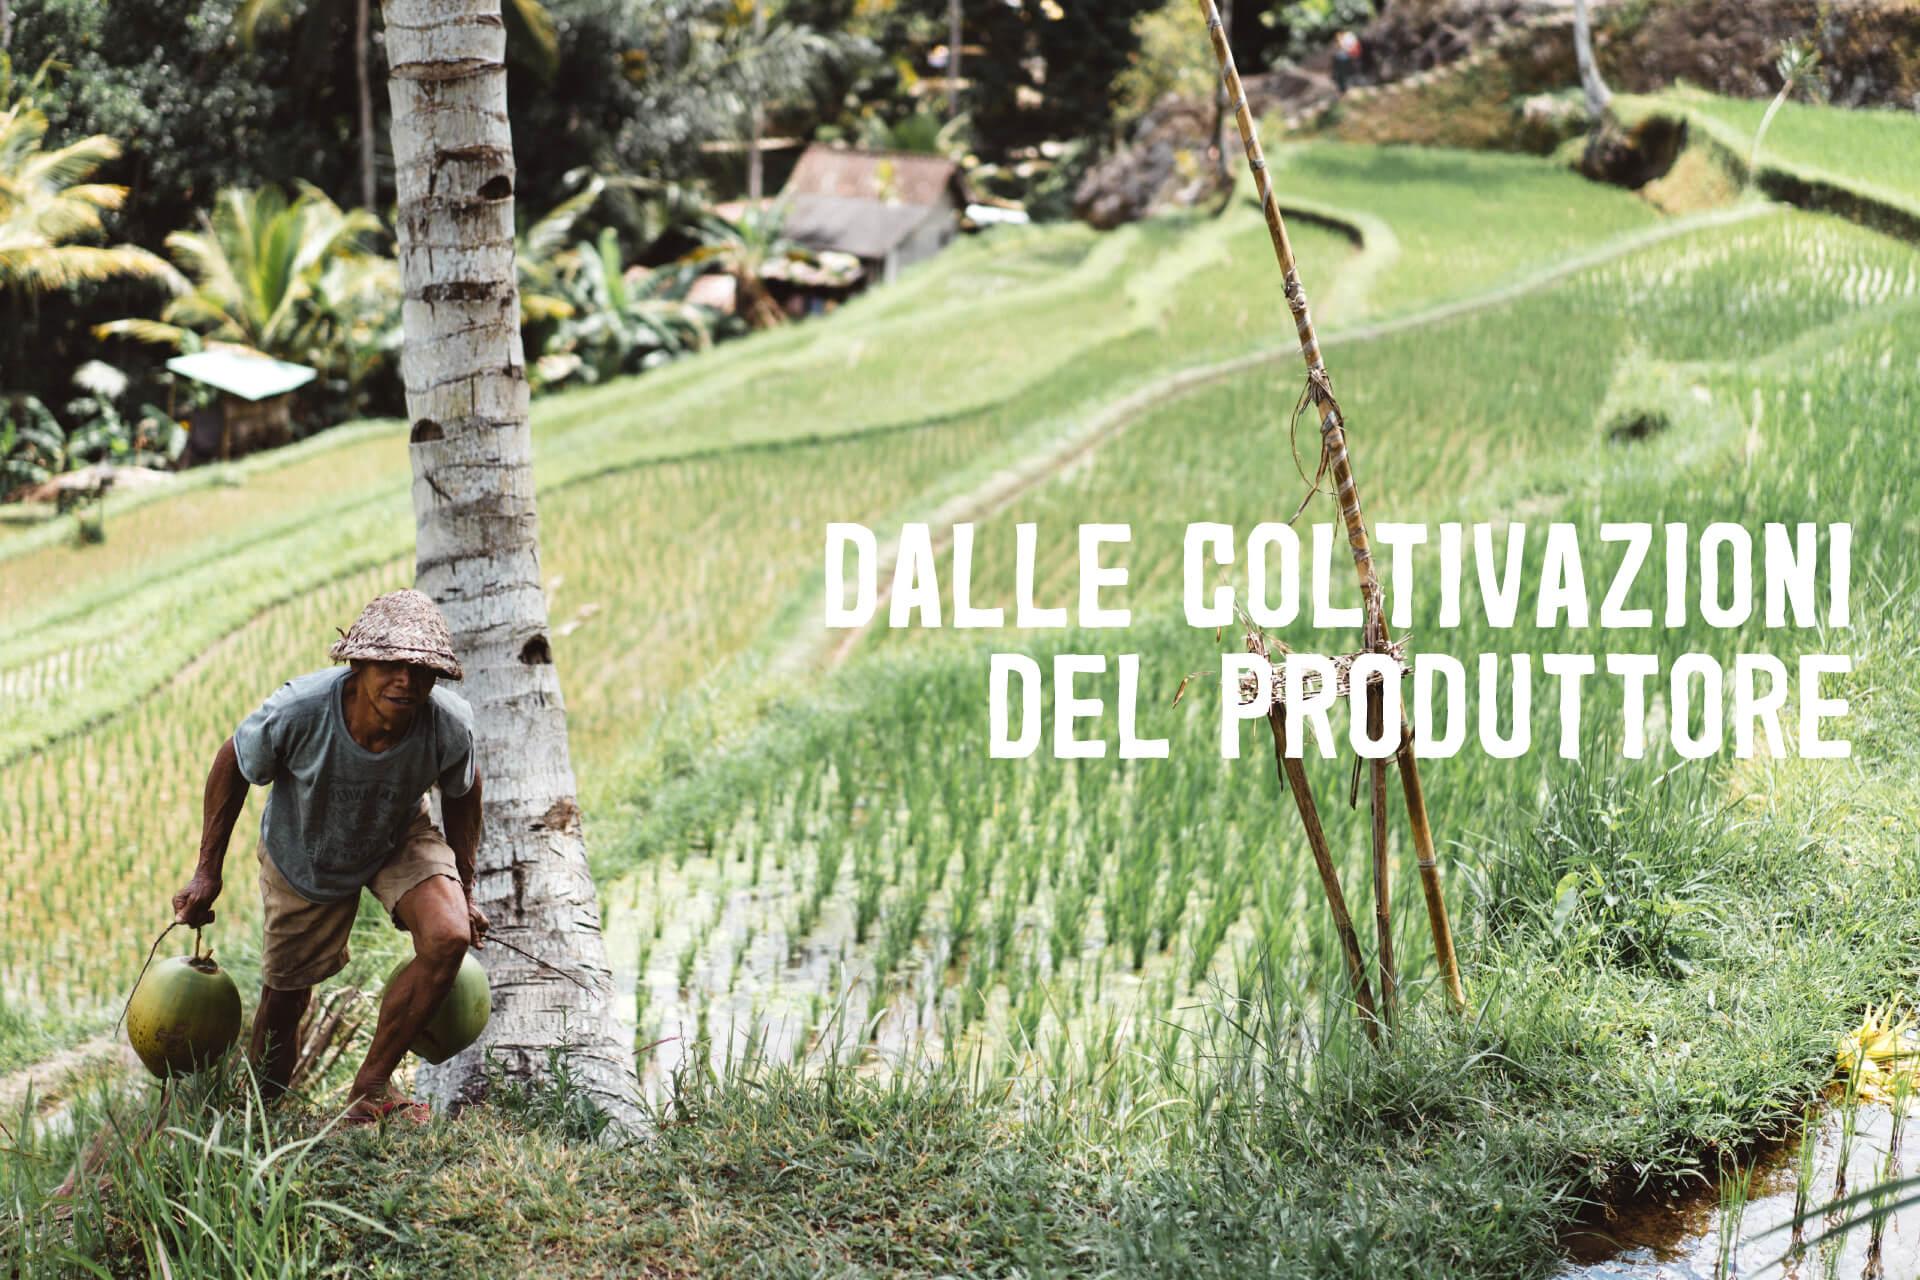 Coltivatore con due nodi di cocco verde ai piedi di una palma